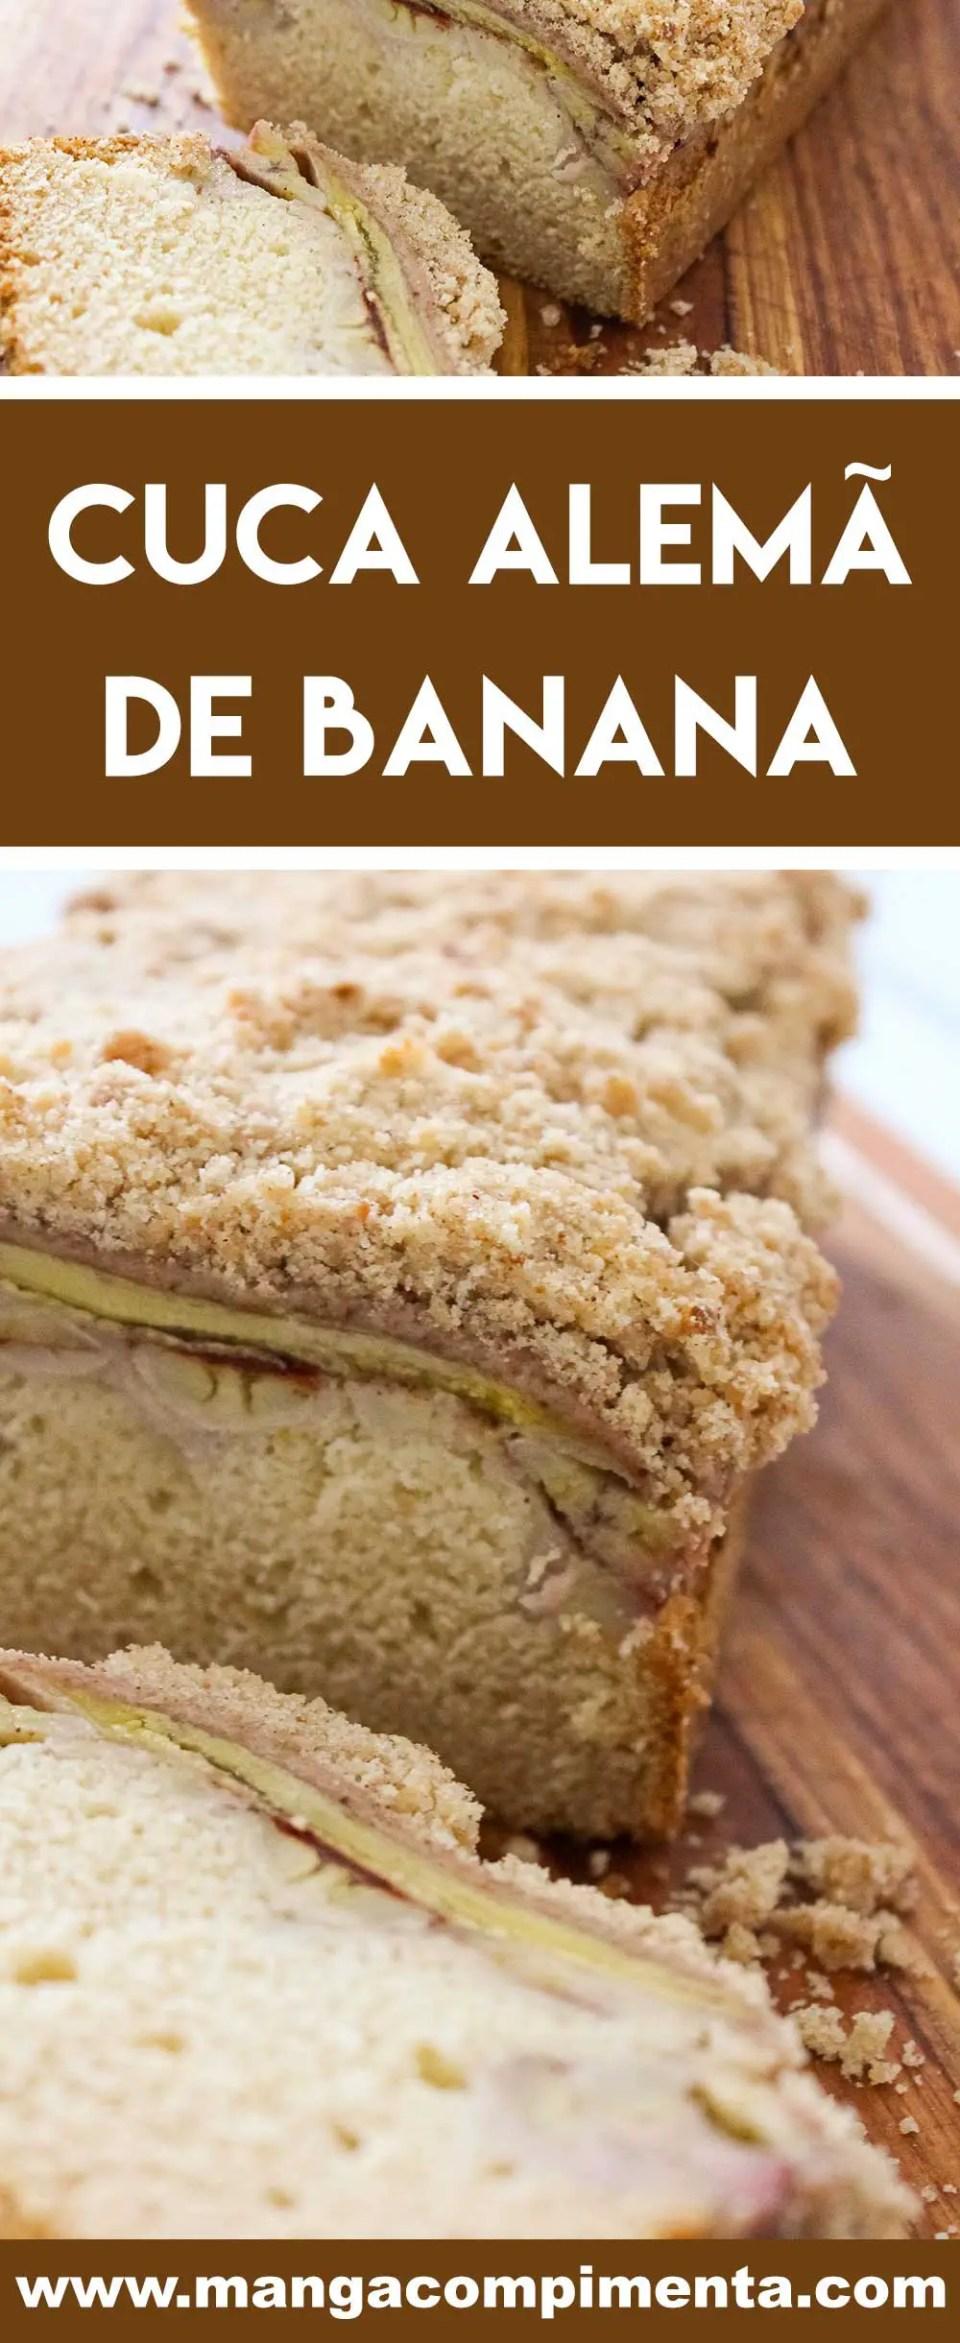 Receita de Cuca Alemã de Banana Típica do Sul - prepare para o café da manhã ou para o lanche da tarde.